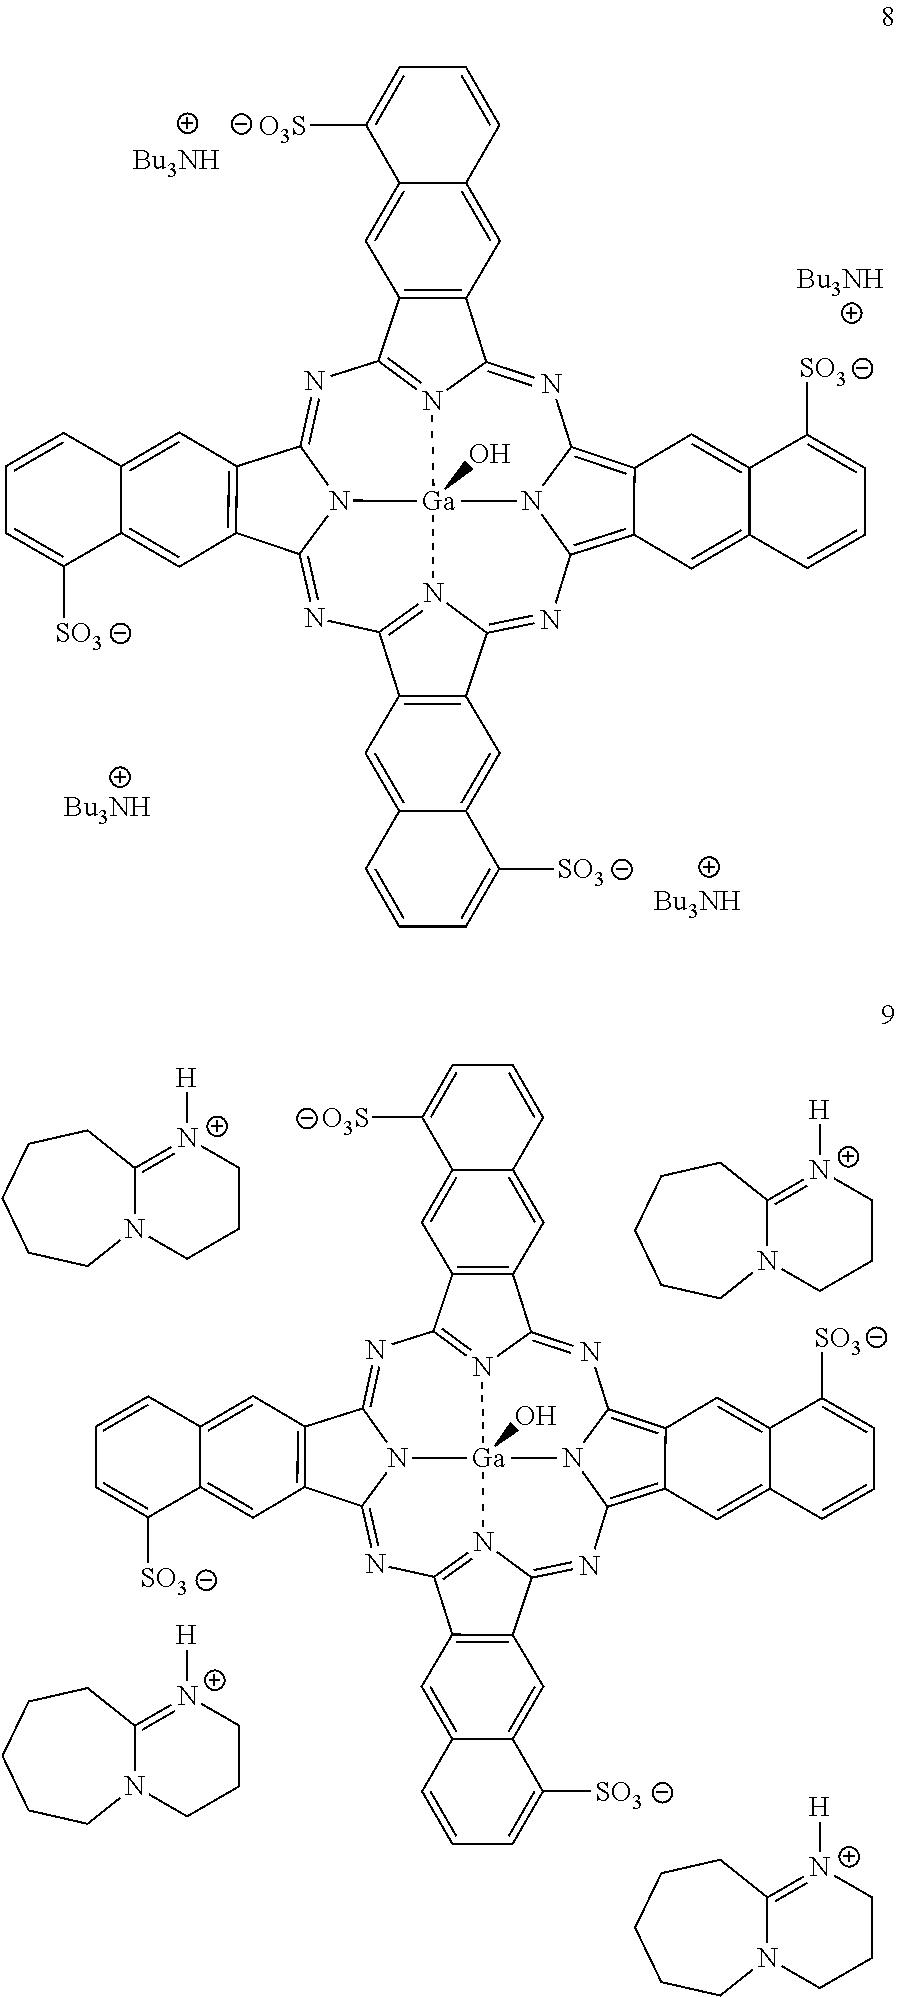 Figure US20110069127A1-20110324-C00008